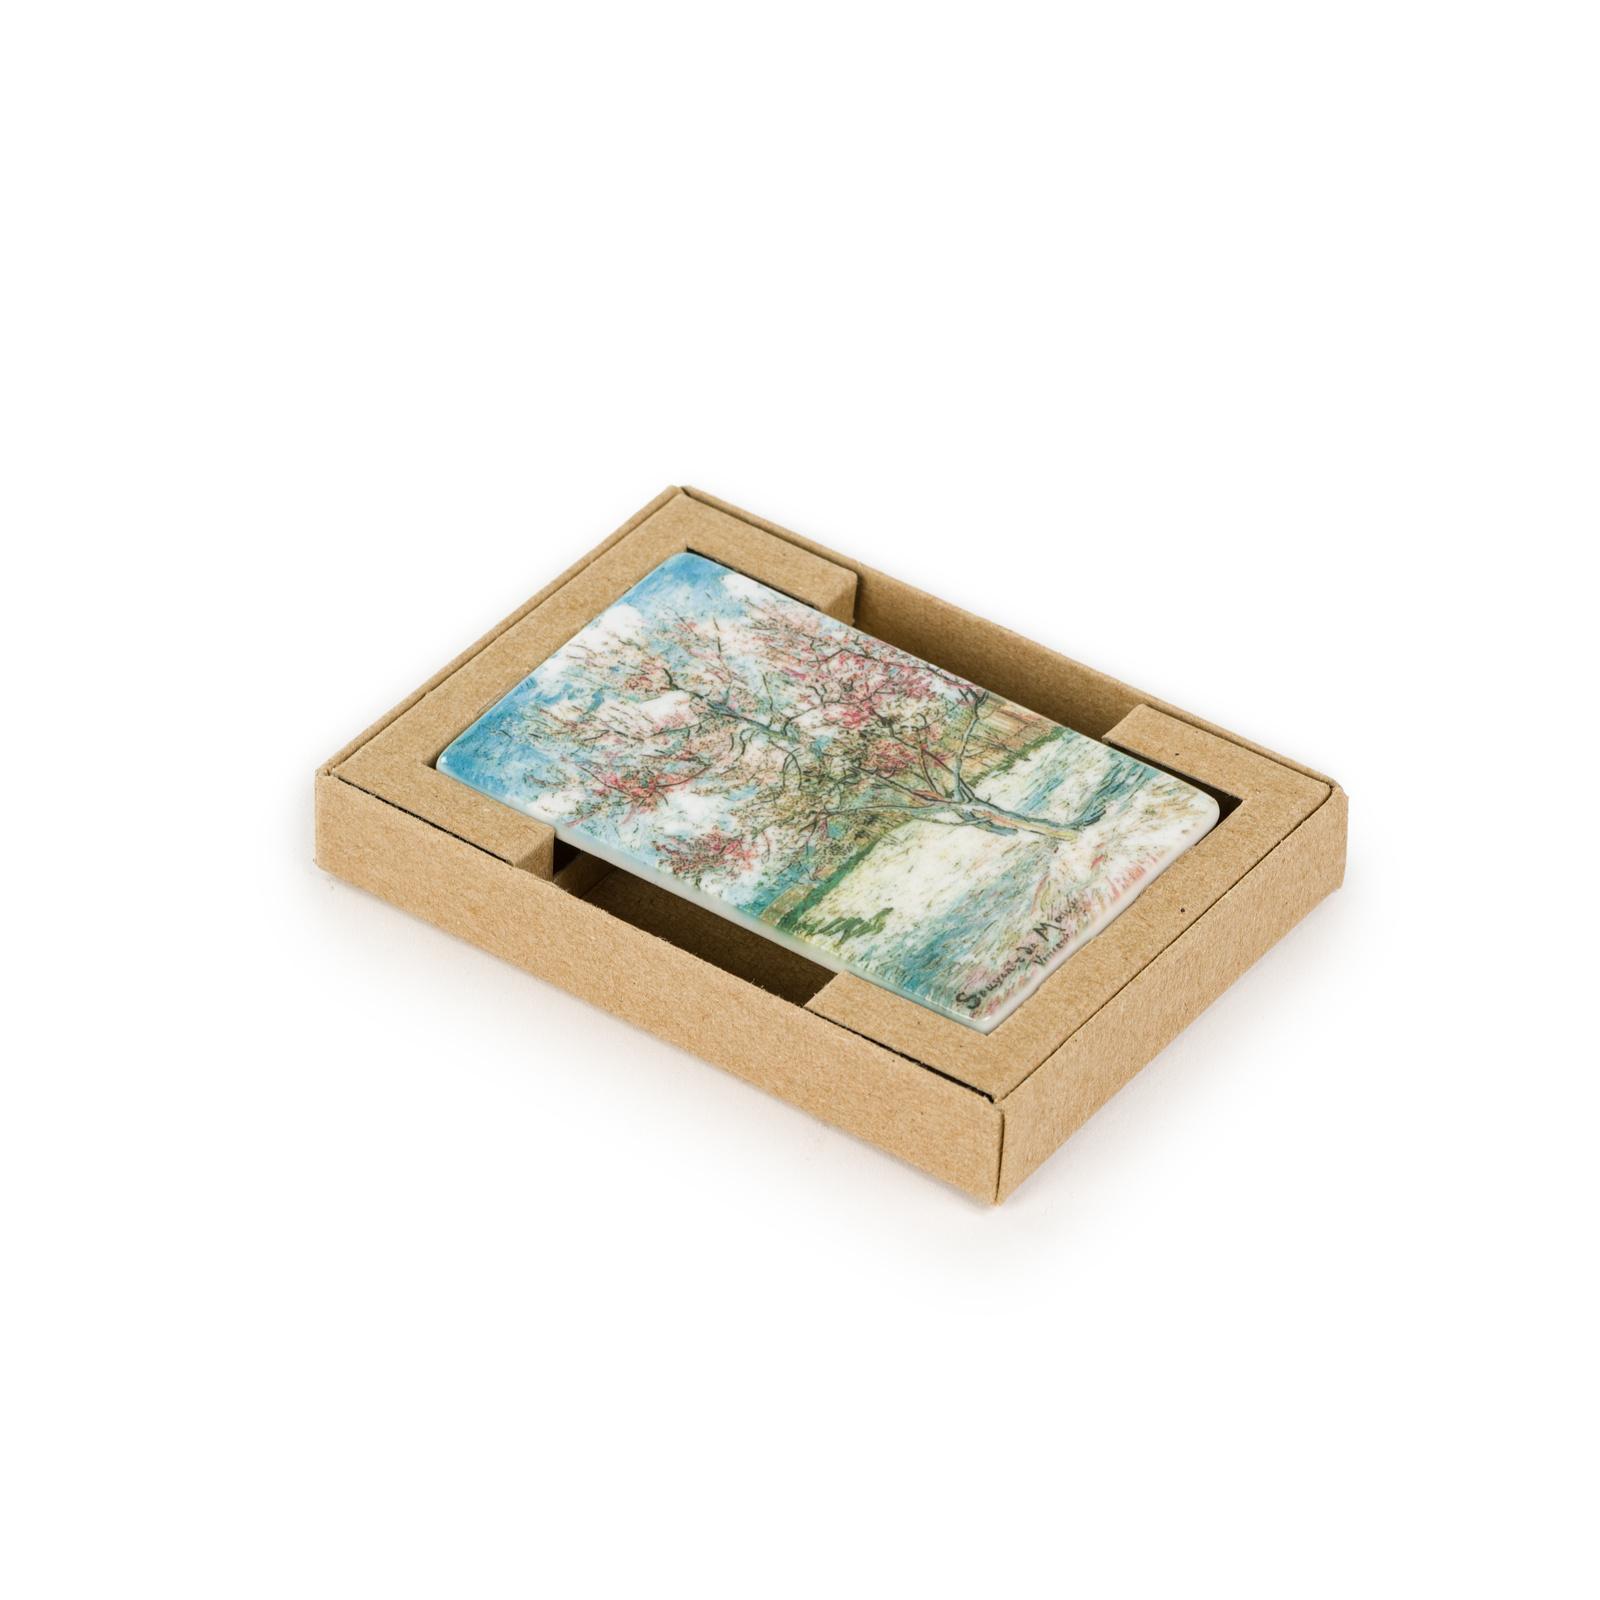 Koelkast magneet Van Gogh - Roze perzikbomen